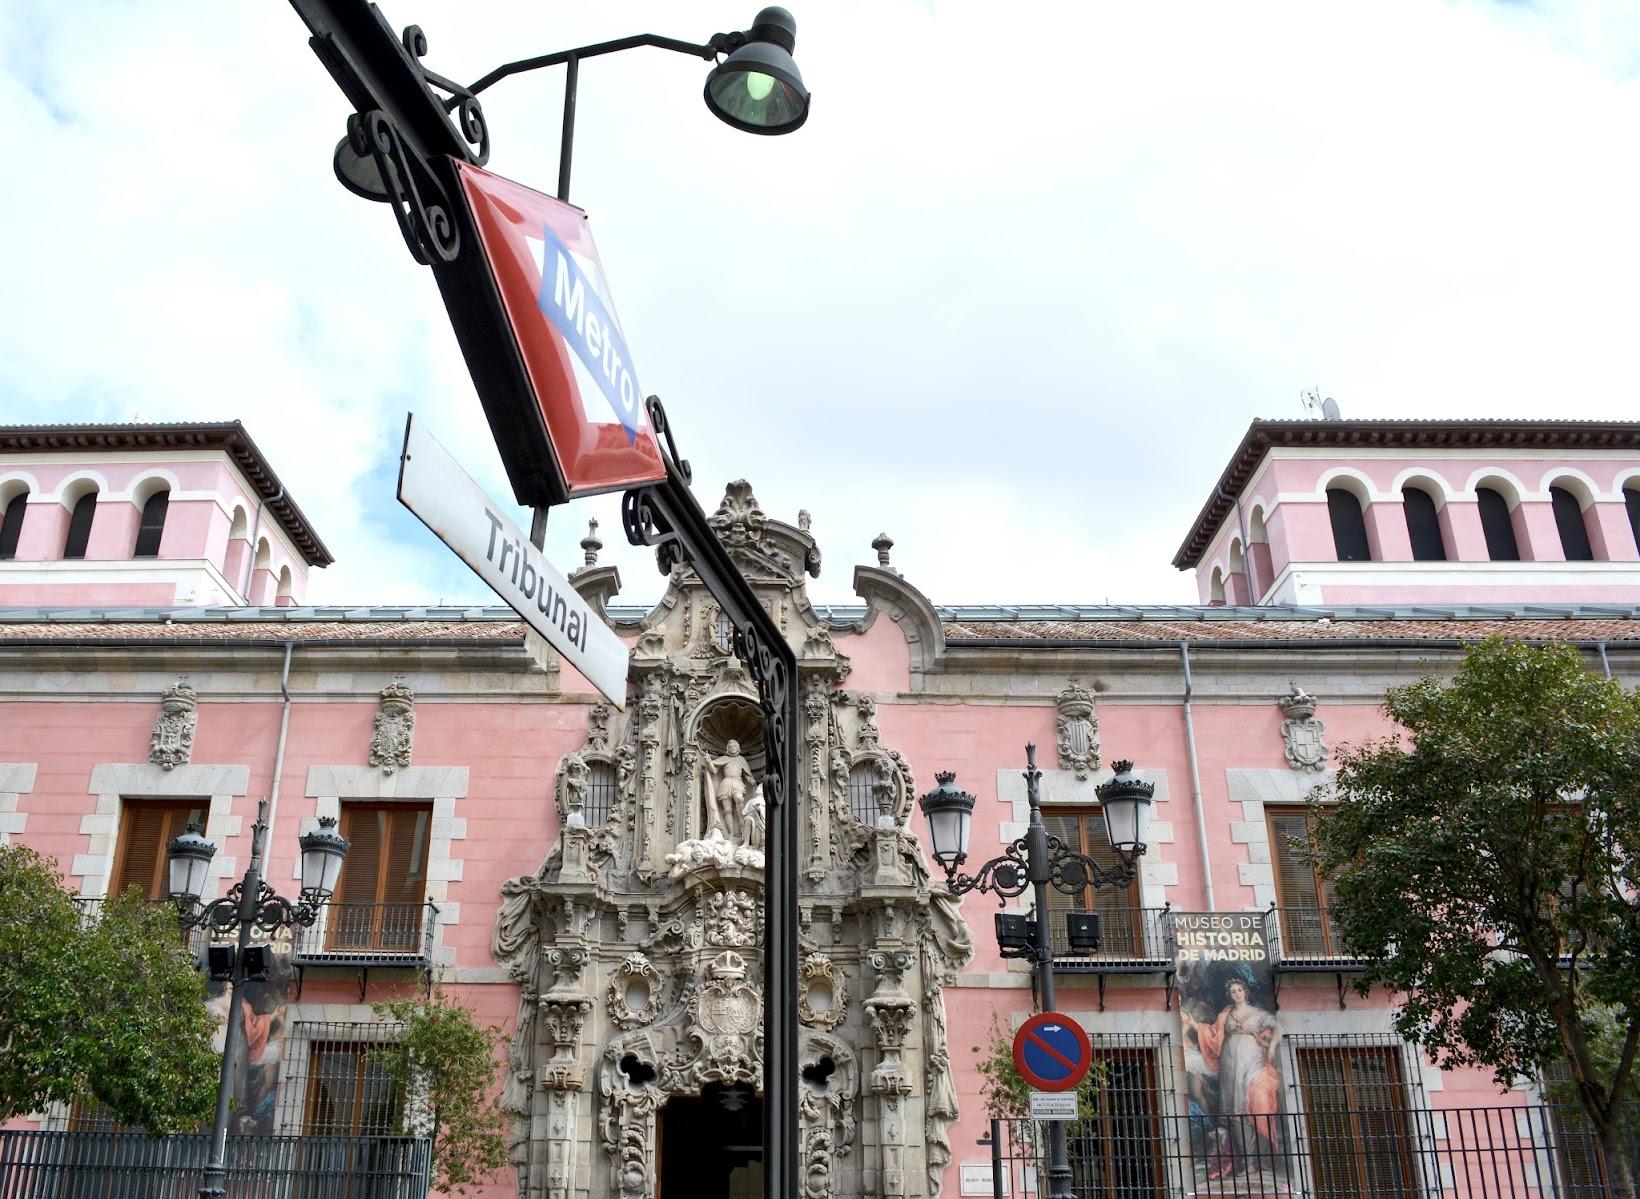 Tribunal metro stop, Metro Tribunal, Calle Fuencarral